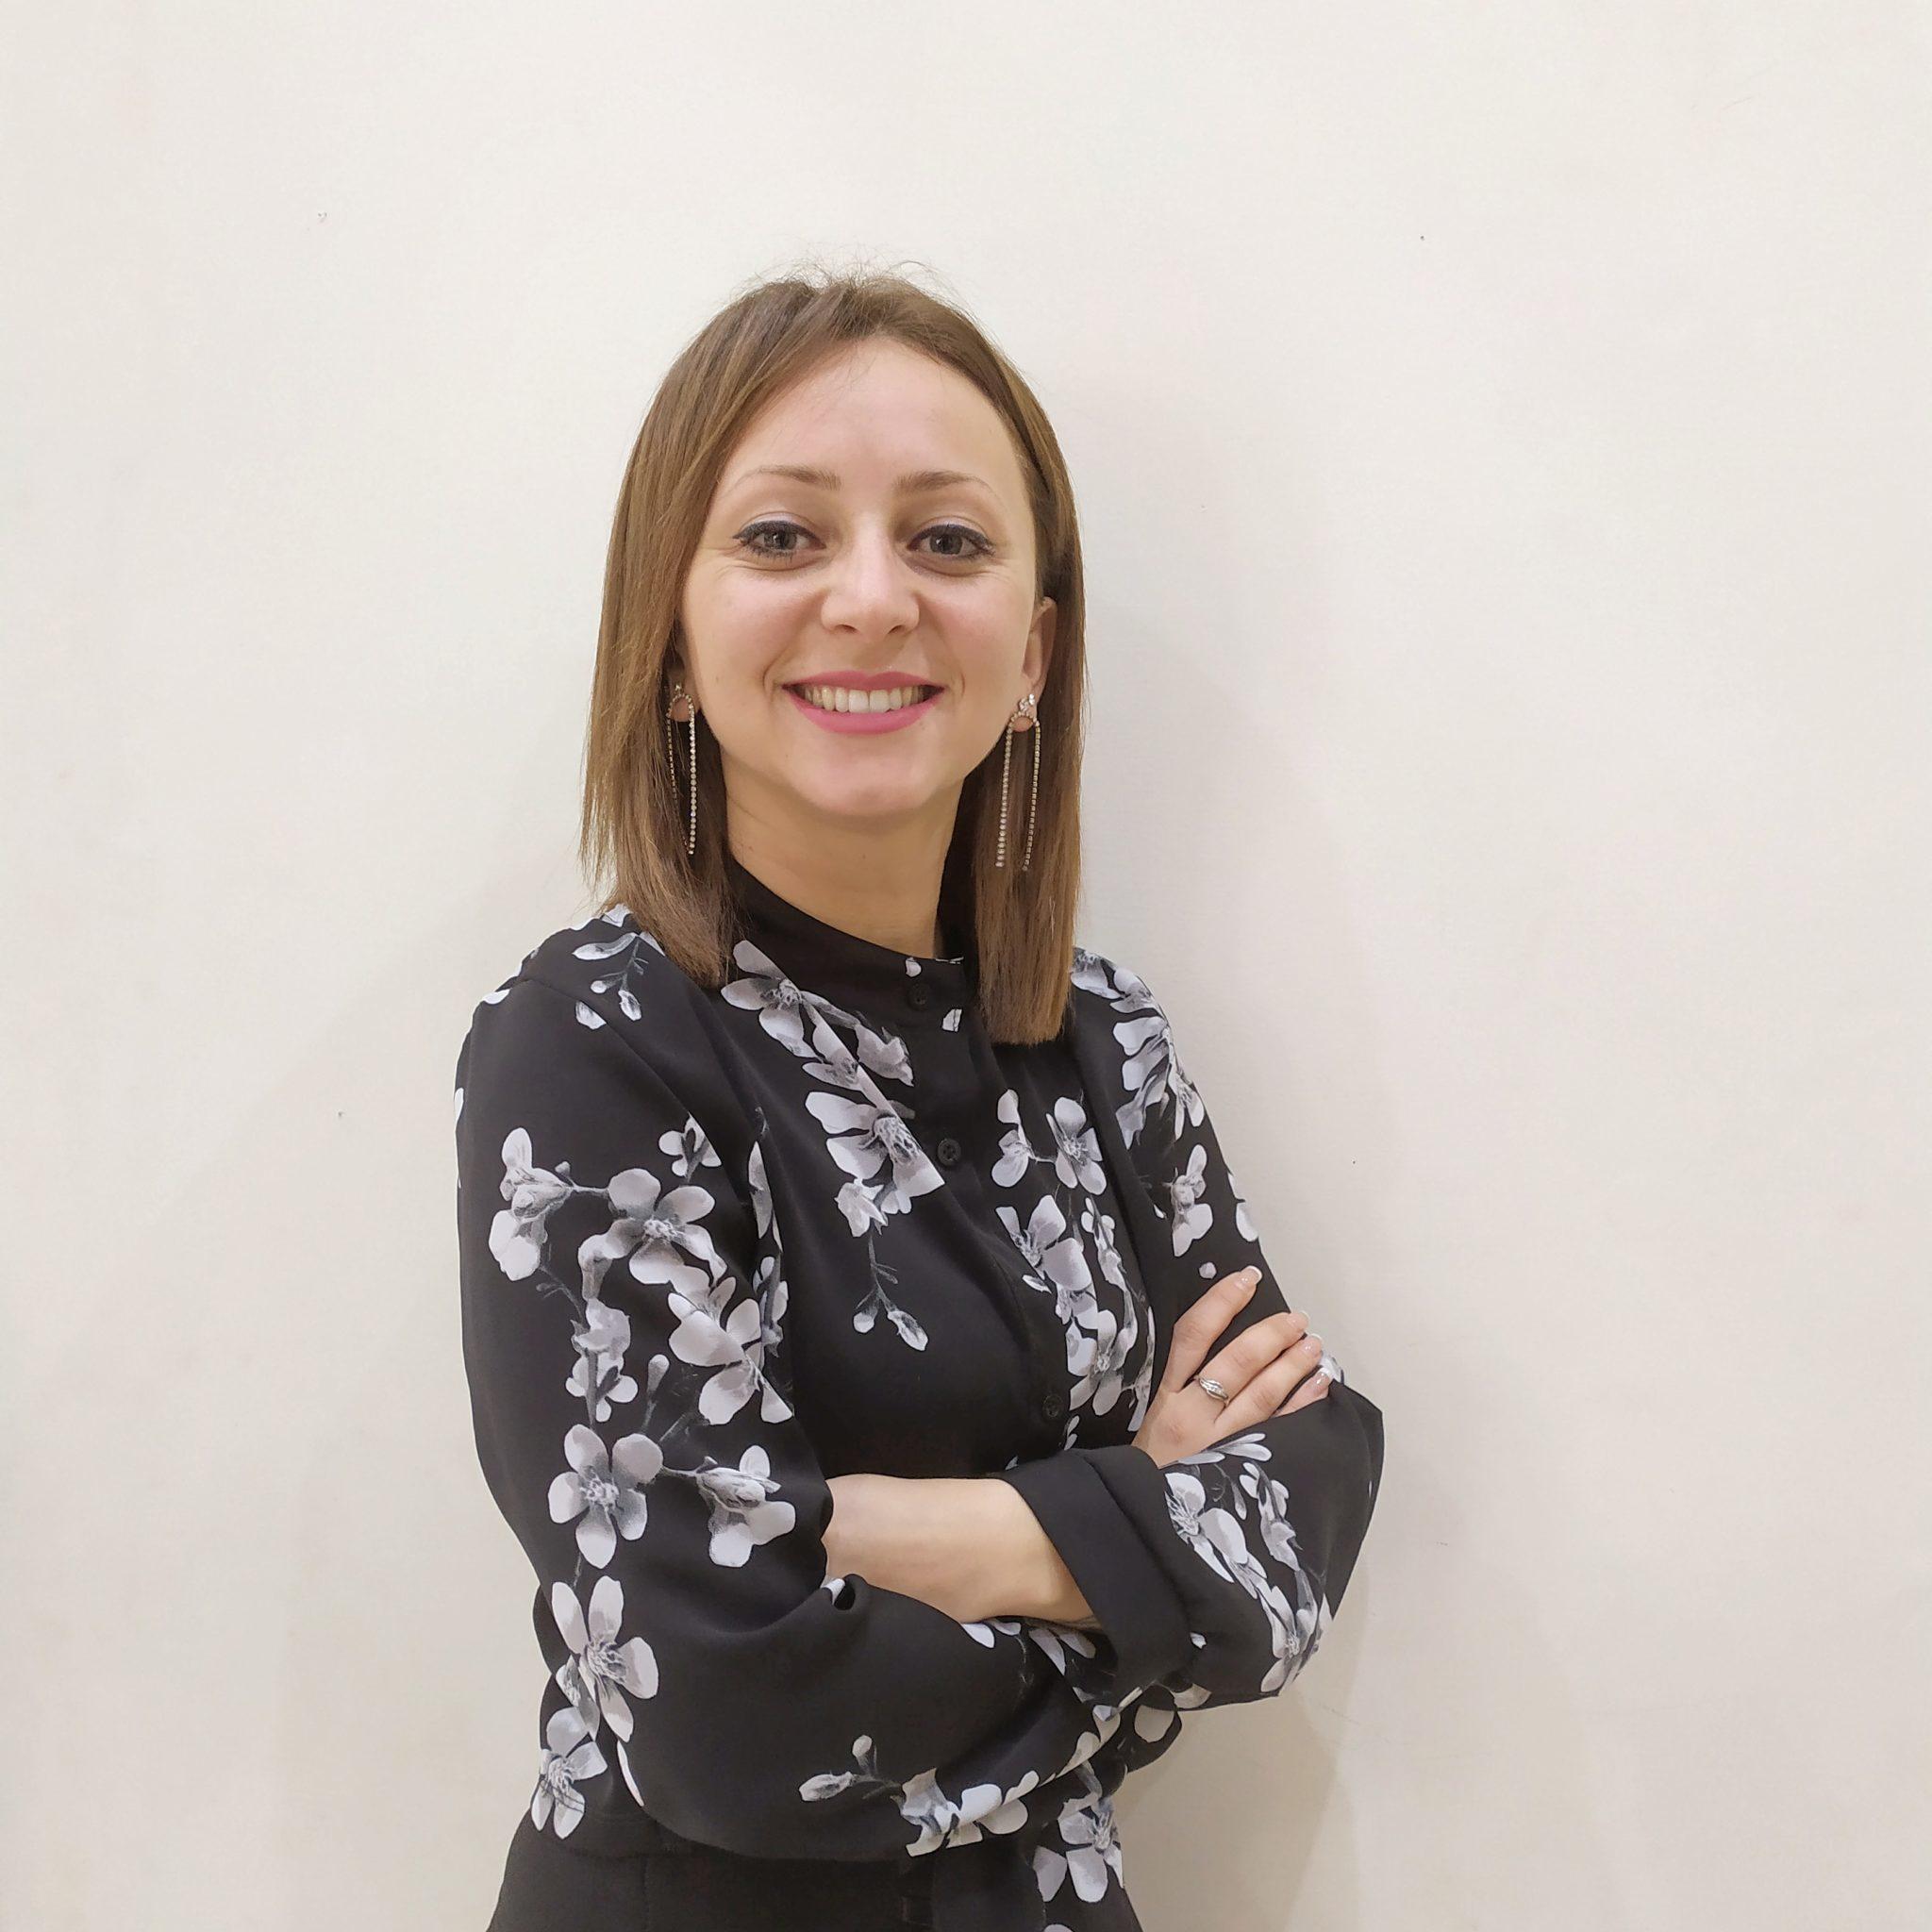 Serena Massariello